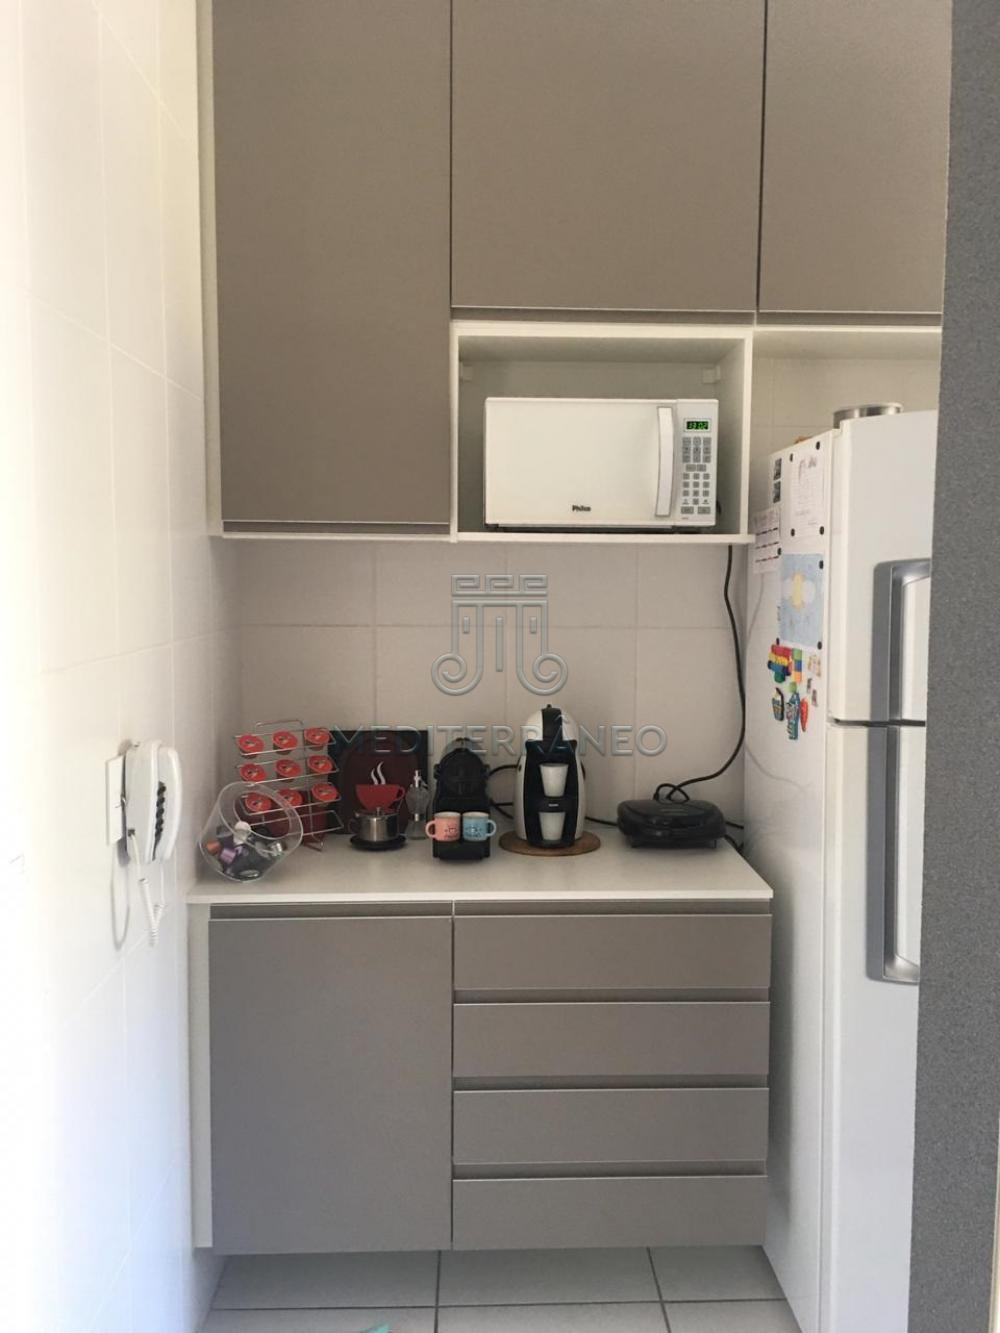 Comprar Apartamento / Padrão em Jundiaí apenas R$ 405.000,00 - Foto 13